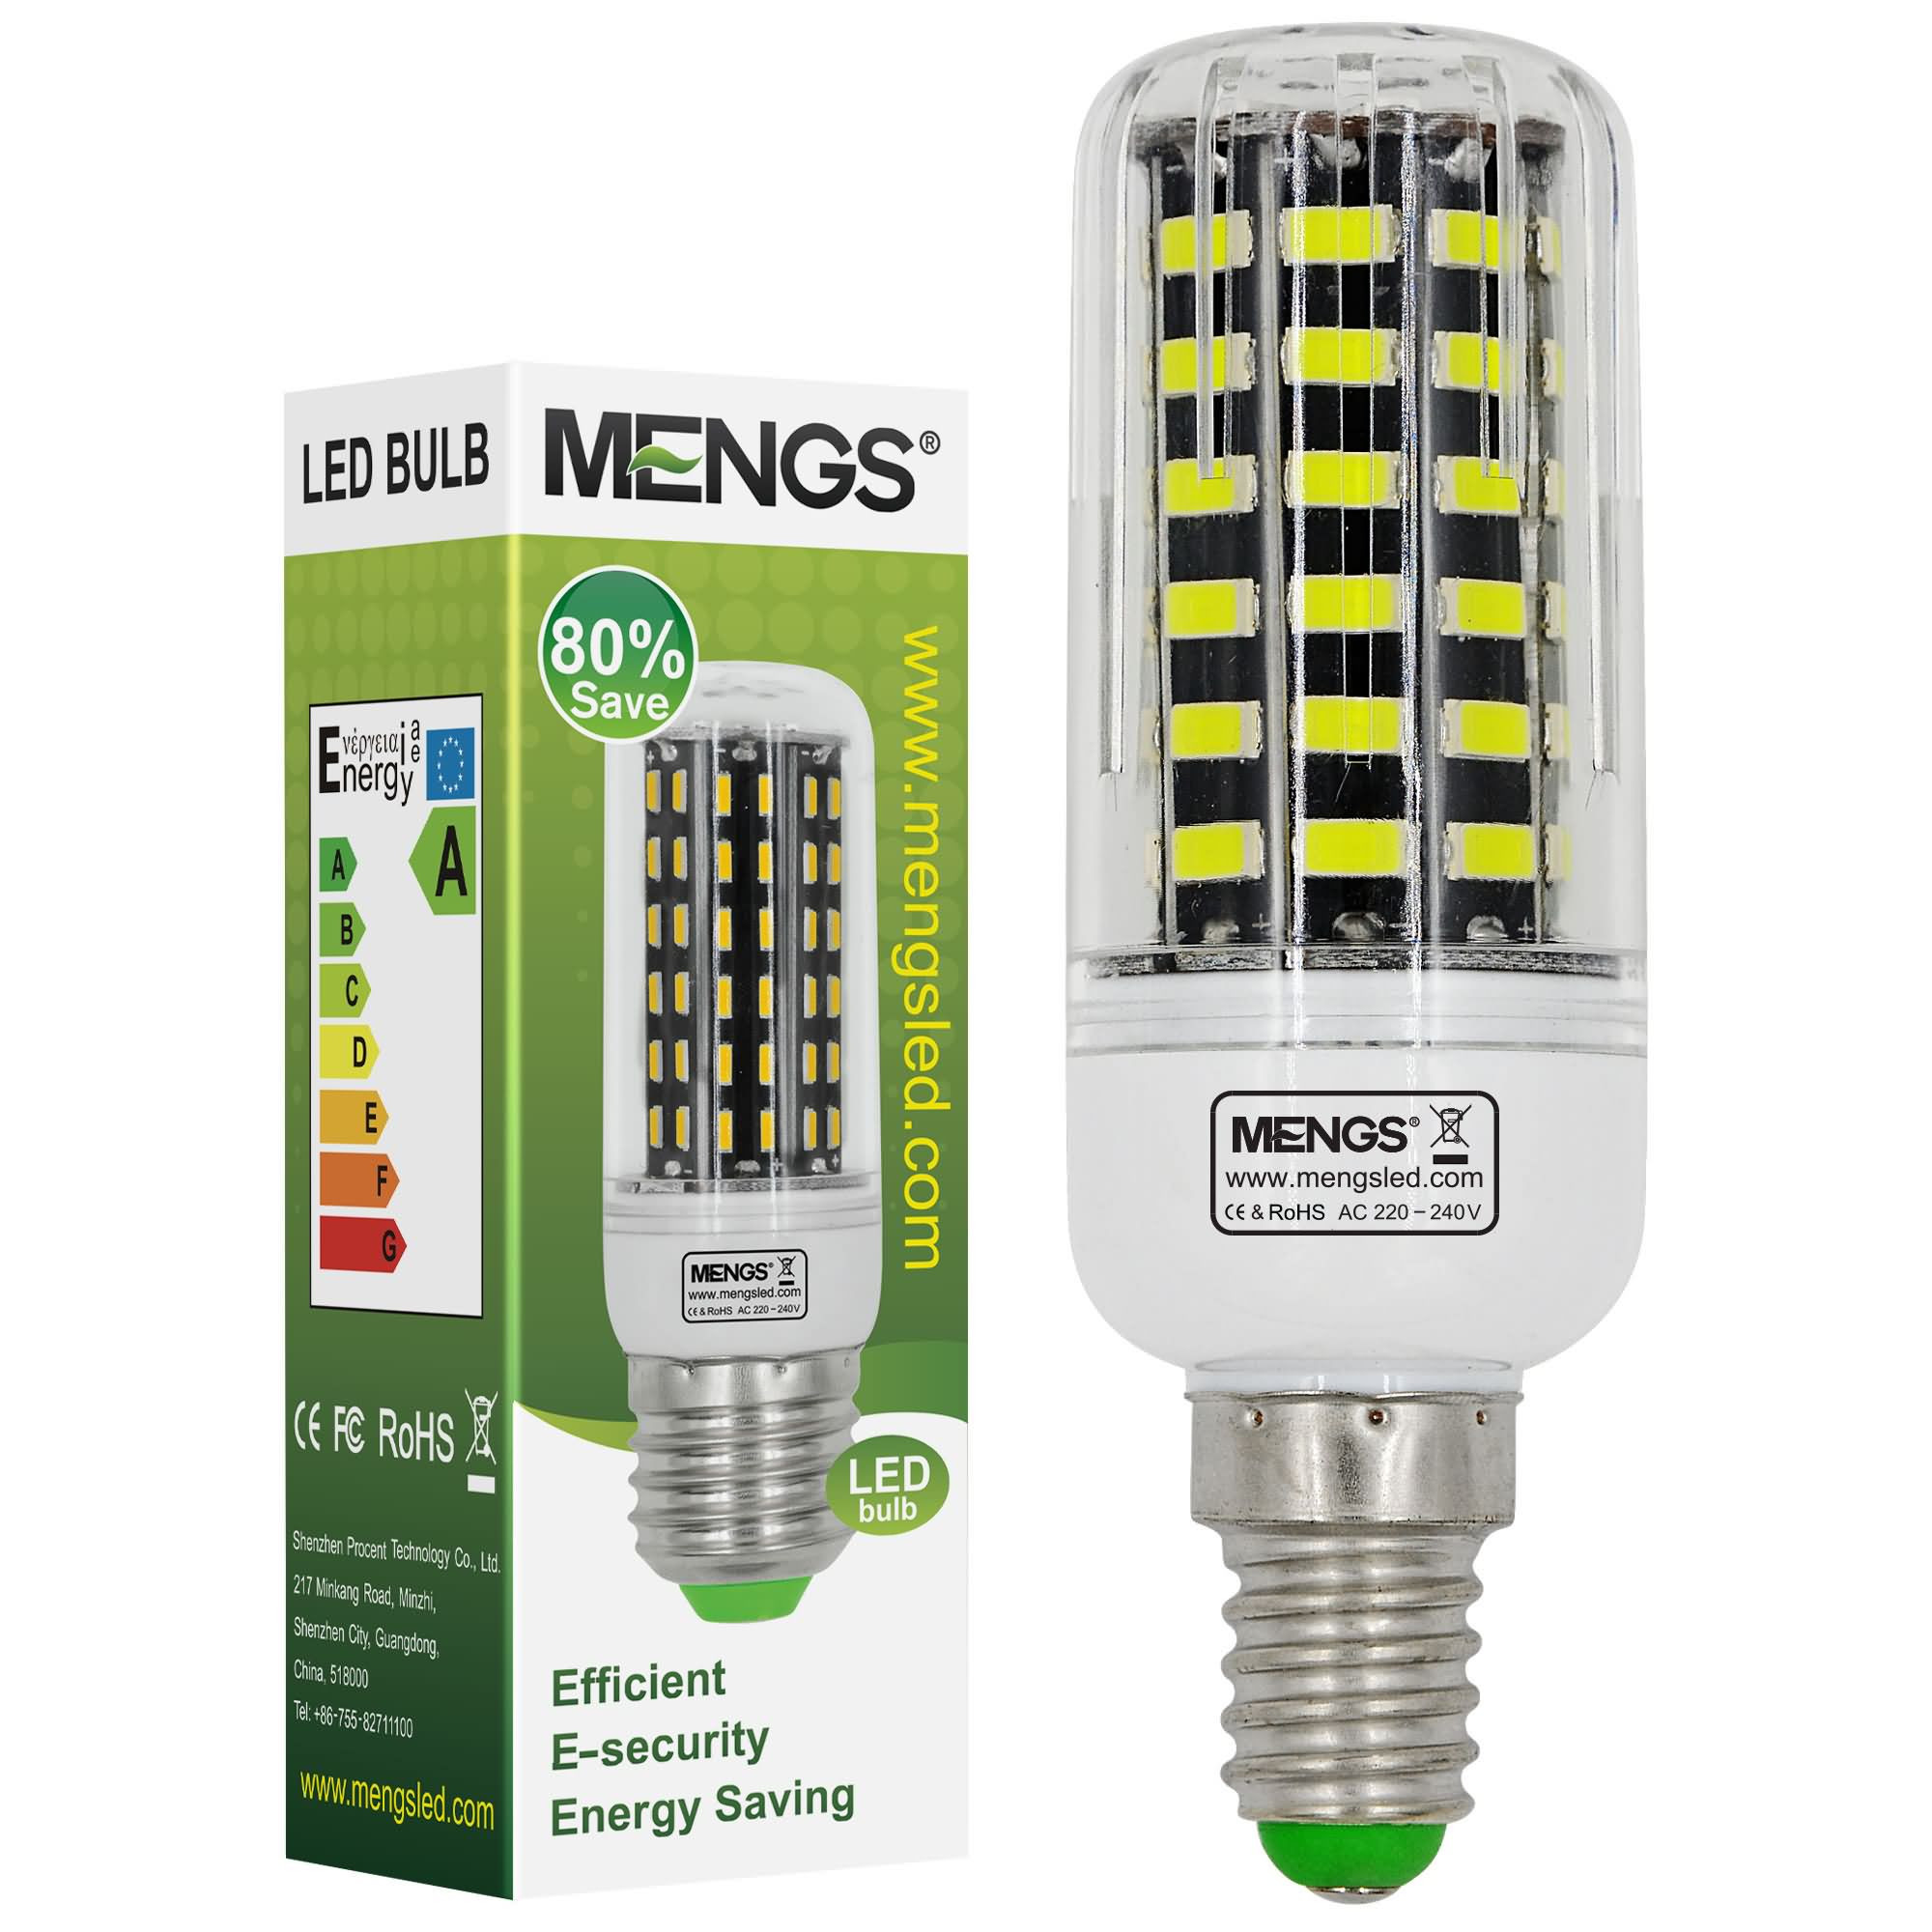 MENGS® E14 9W LED Corn Light 64x 5733 SMD LED Bulb Lamp In Cool White Energy-Saving Light